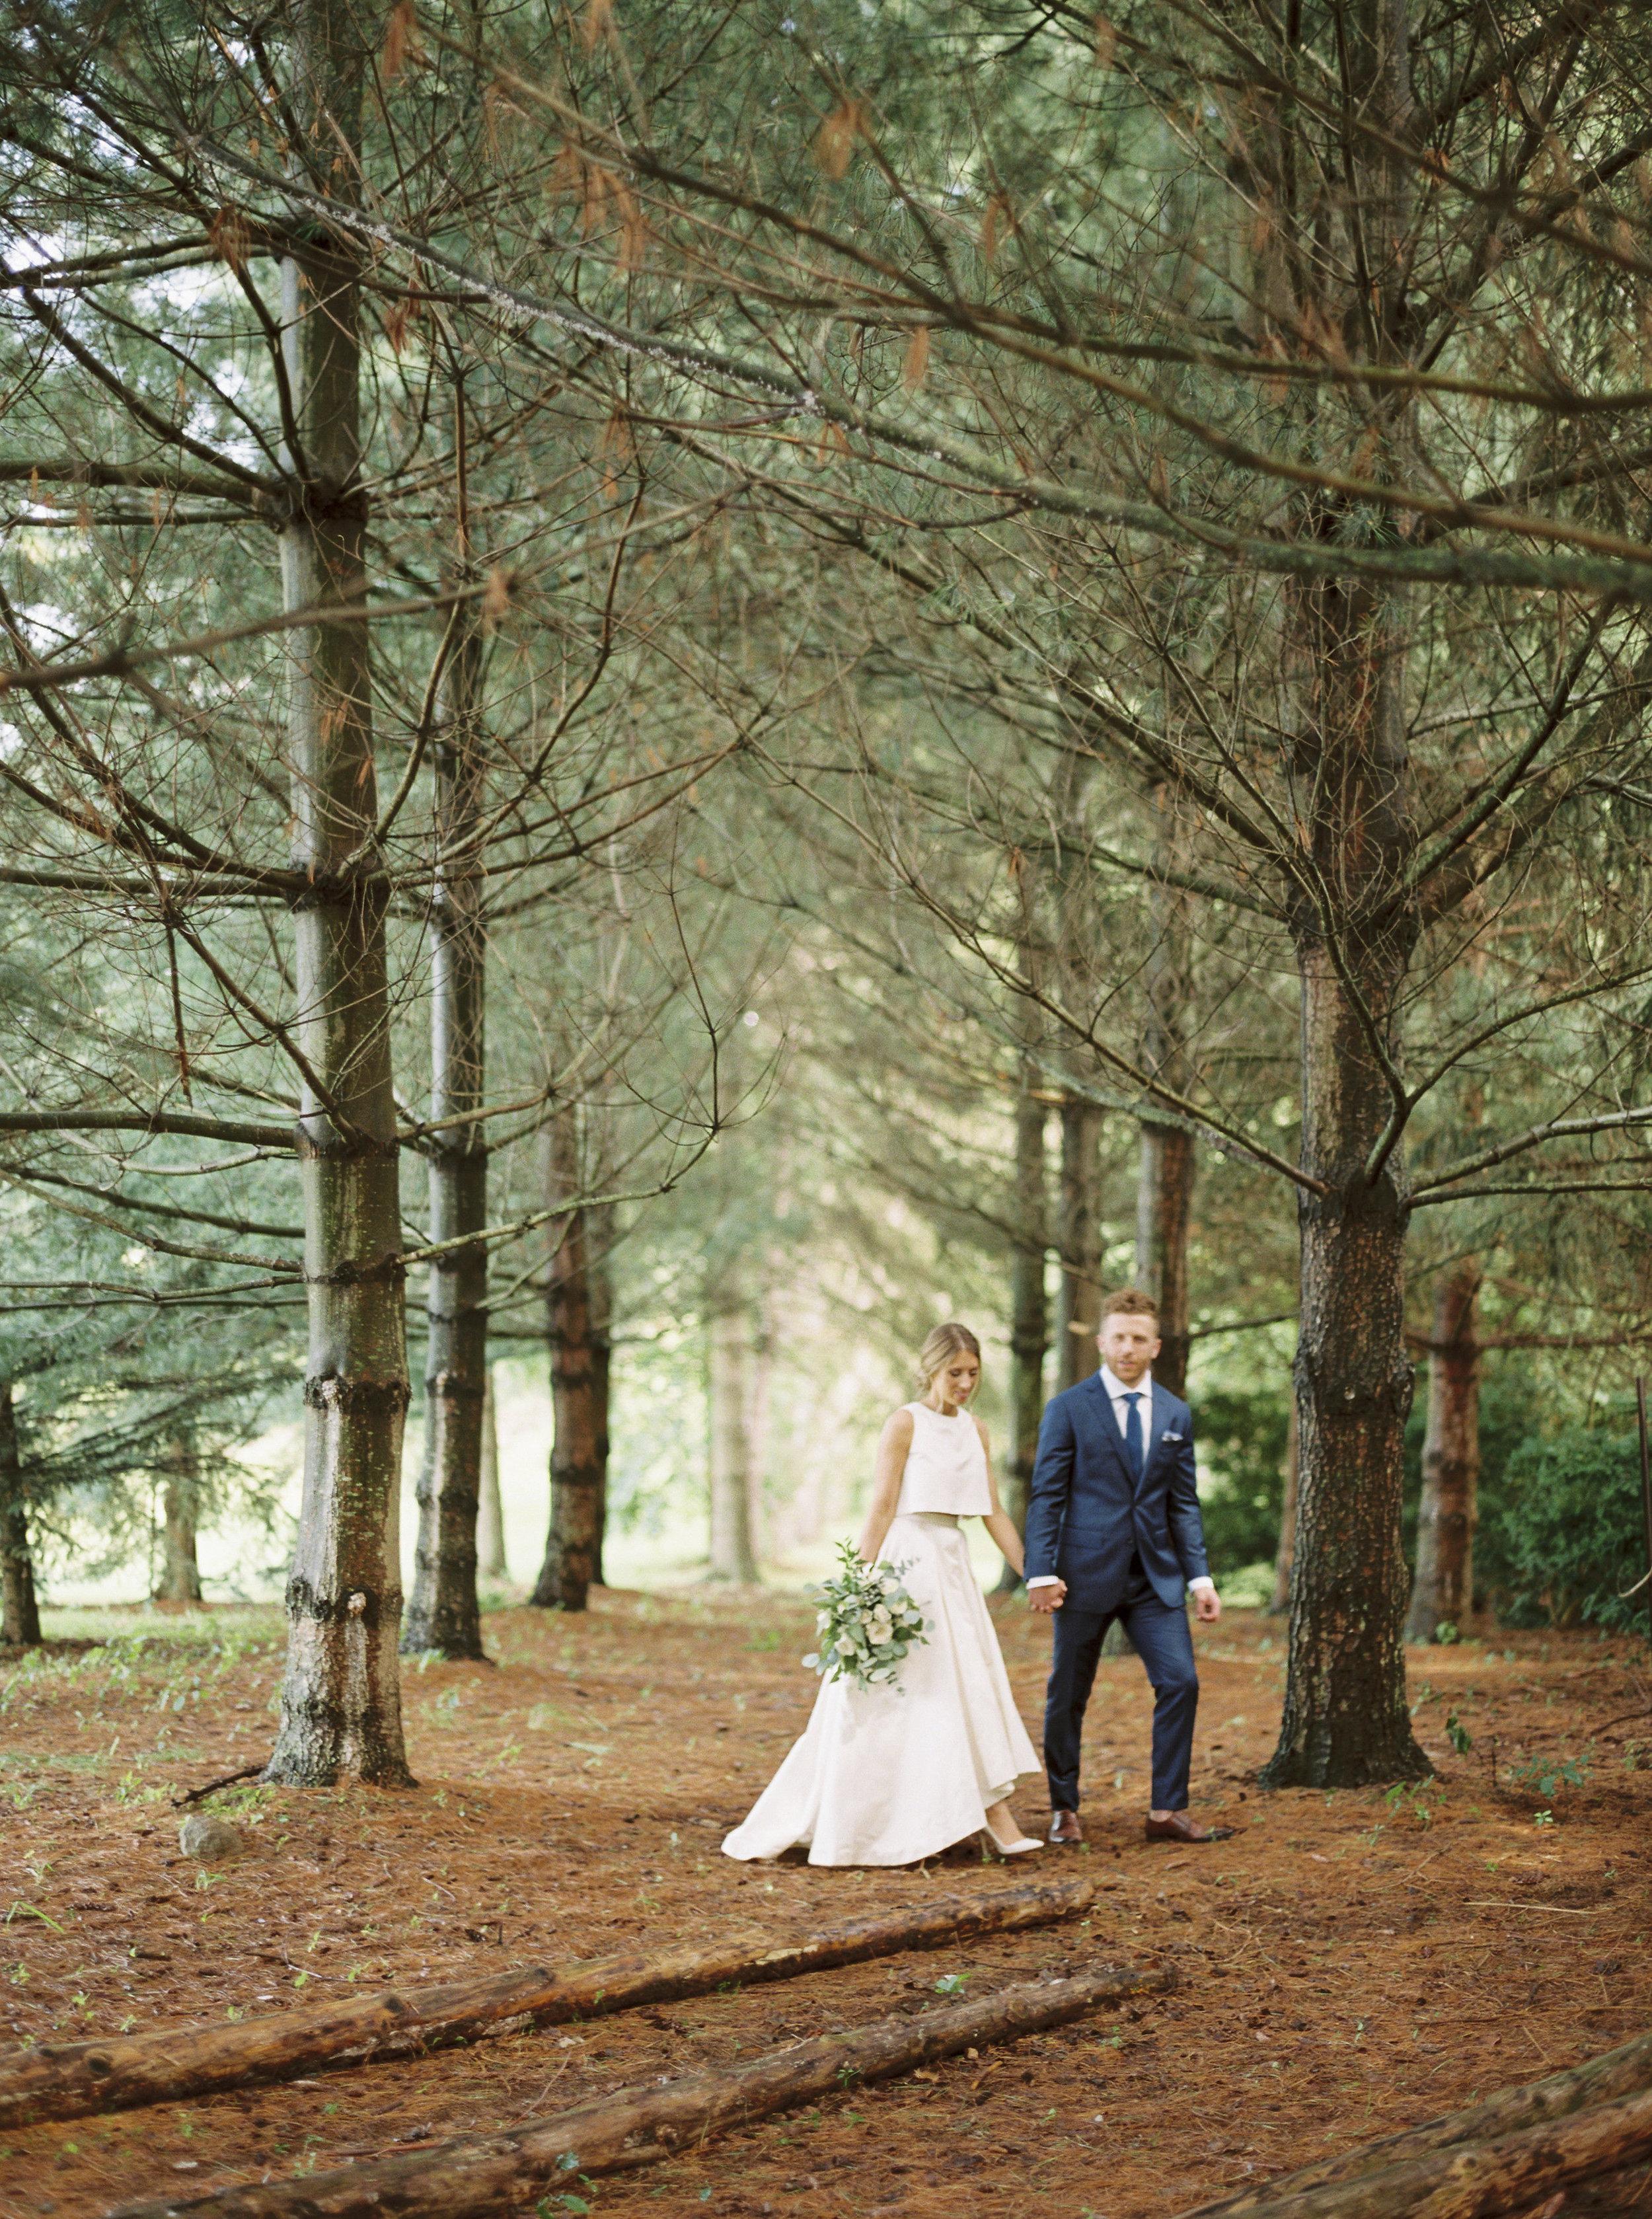 Wedding___Nicole___Eric_270.jpg